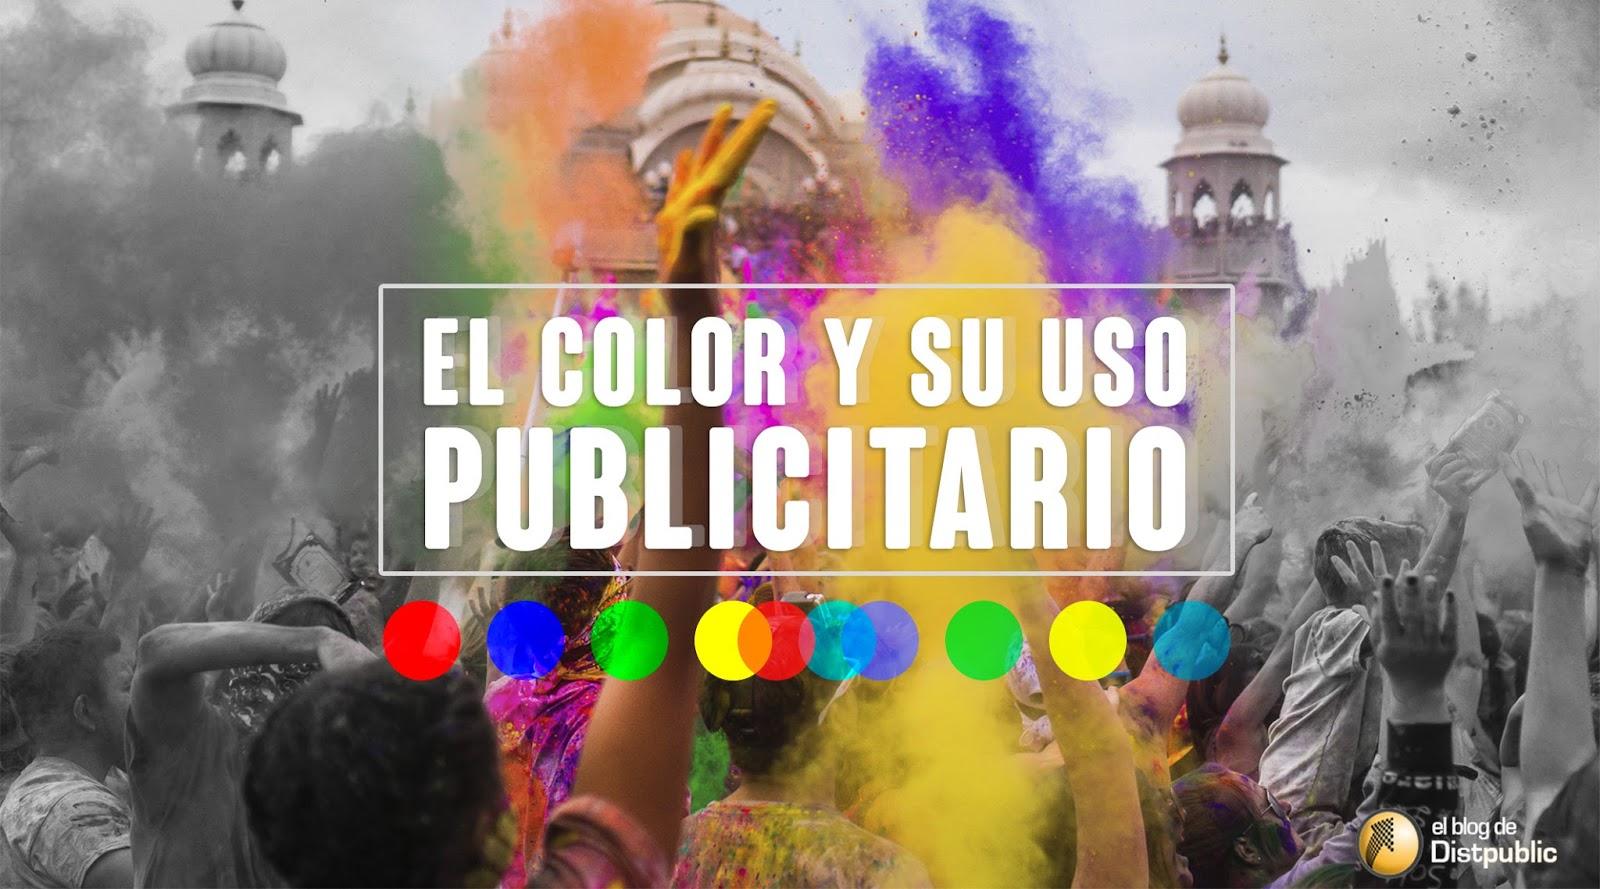 El color y su uso publicitario